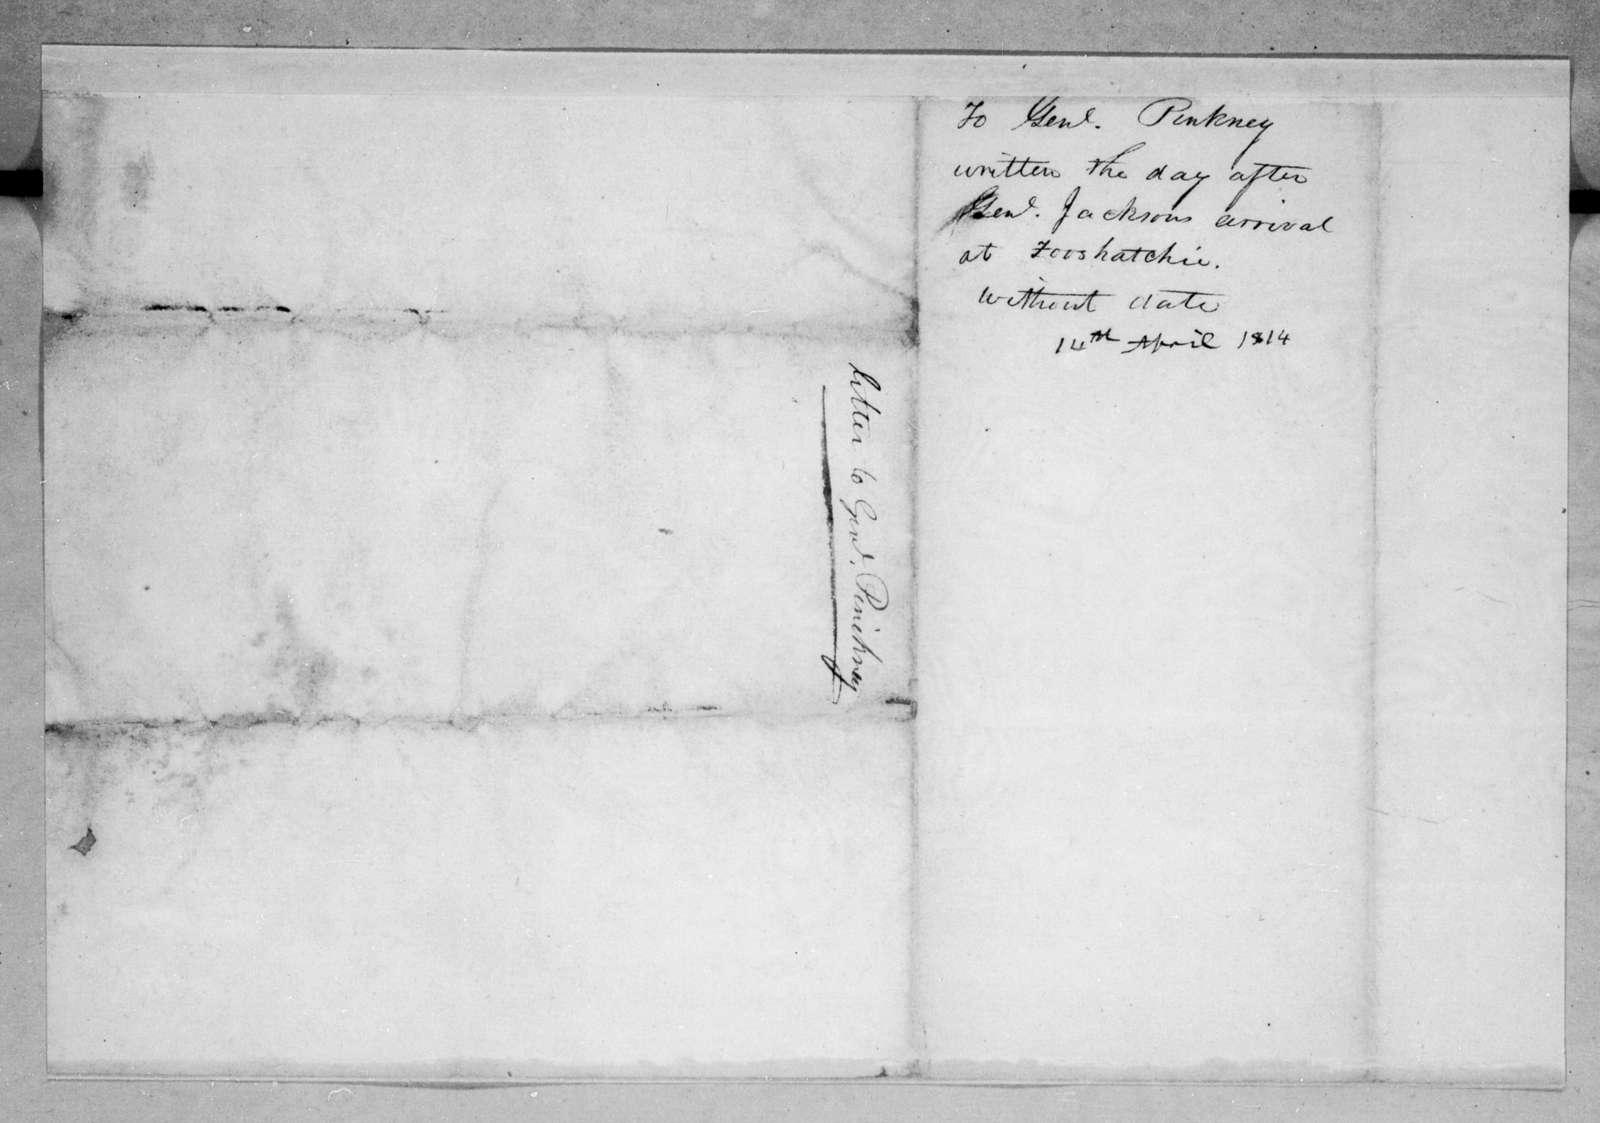 Andrew Jackson to Thomas Pinckney, April 14, 1814